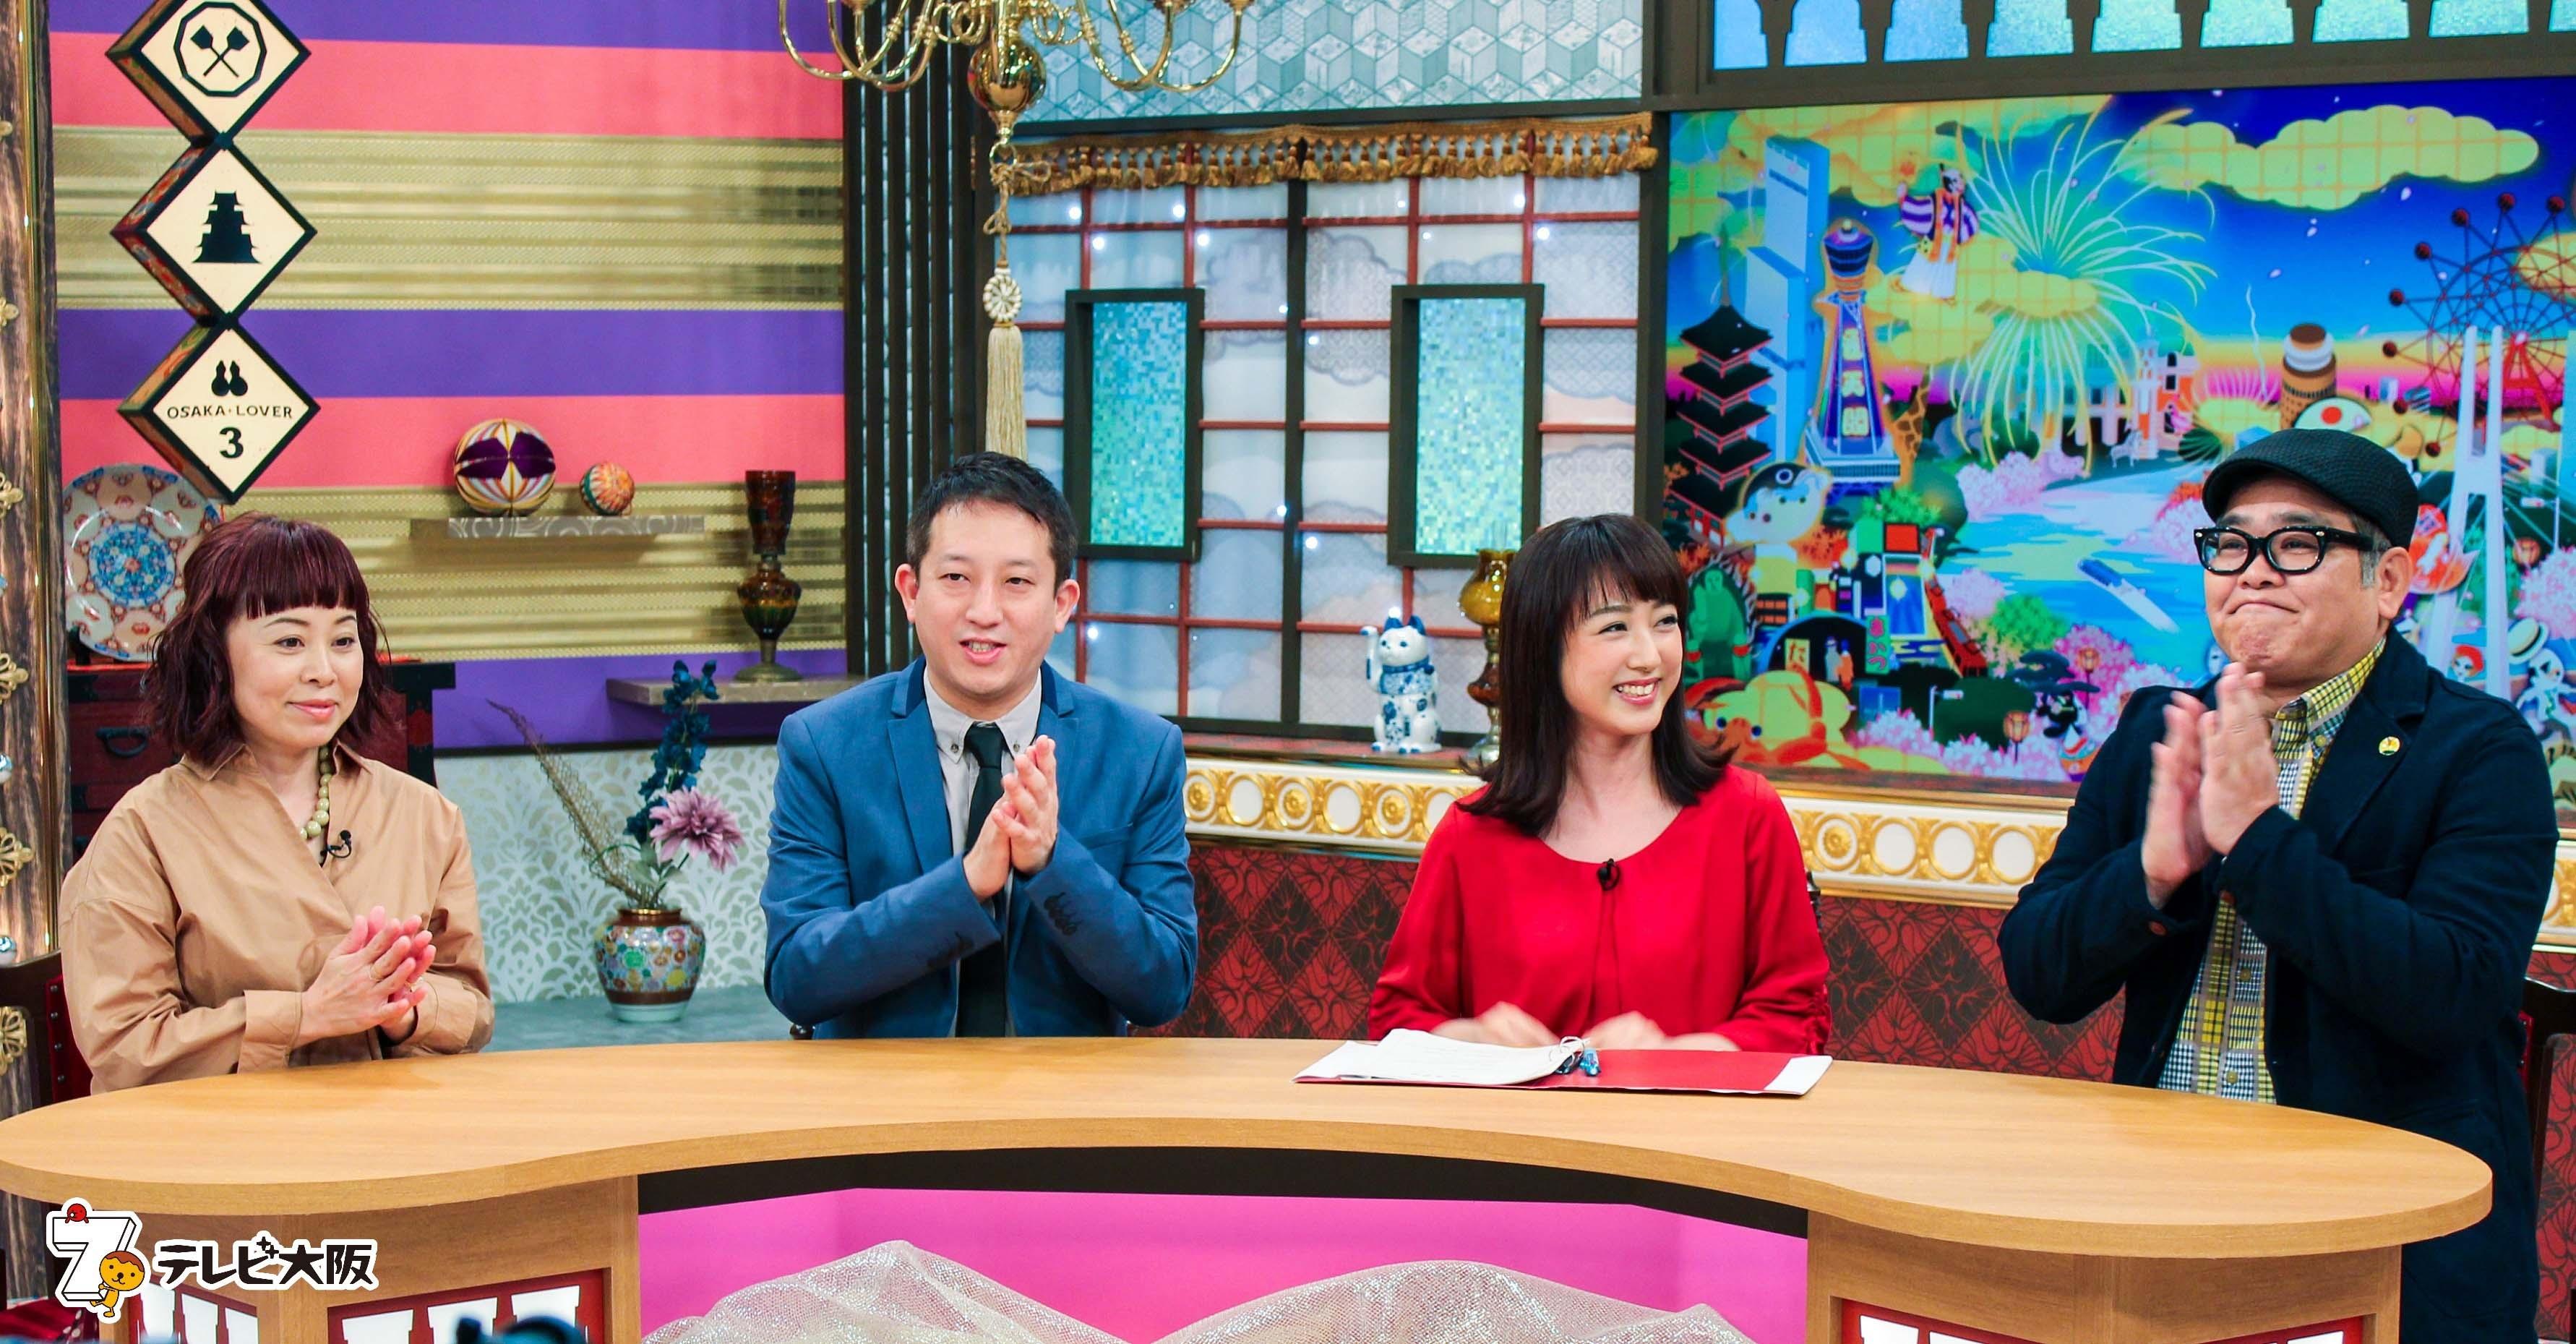 「大阪人の新常識 OSAKA LOVER3」 17年12/16放送済み